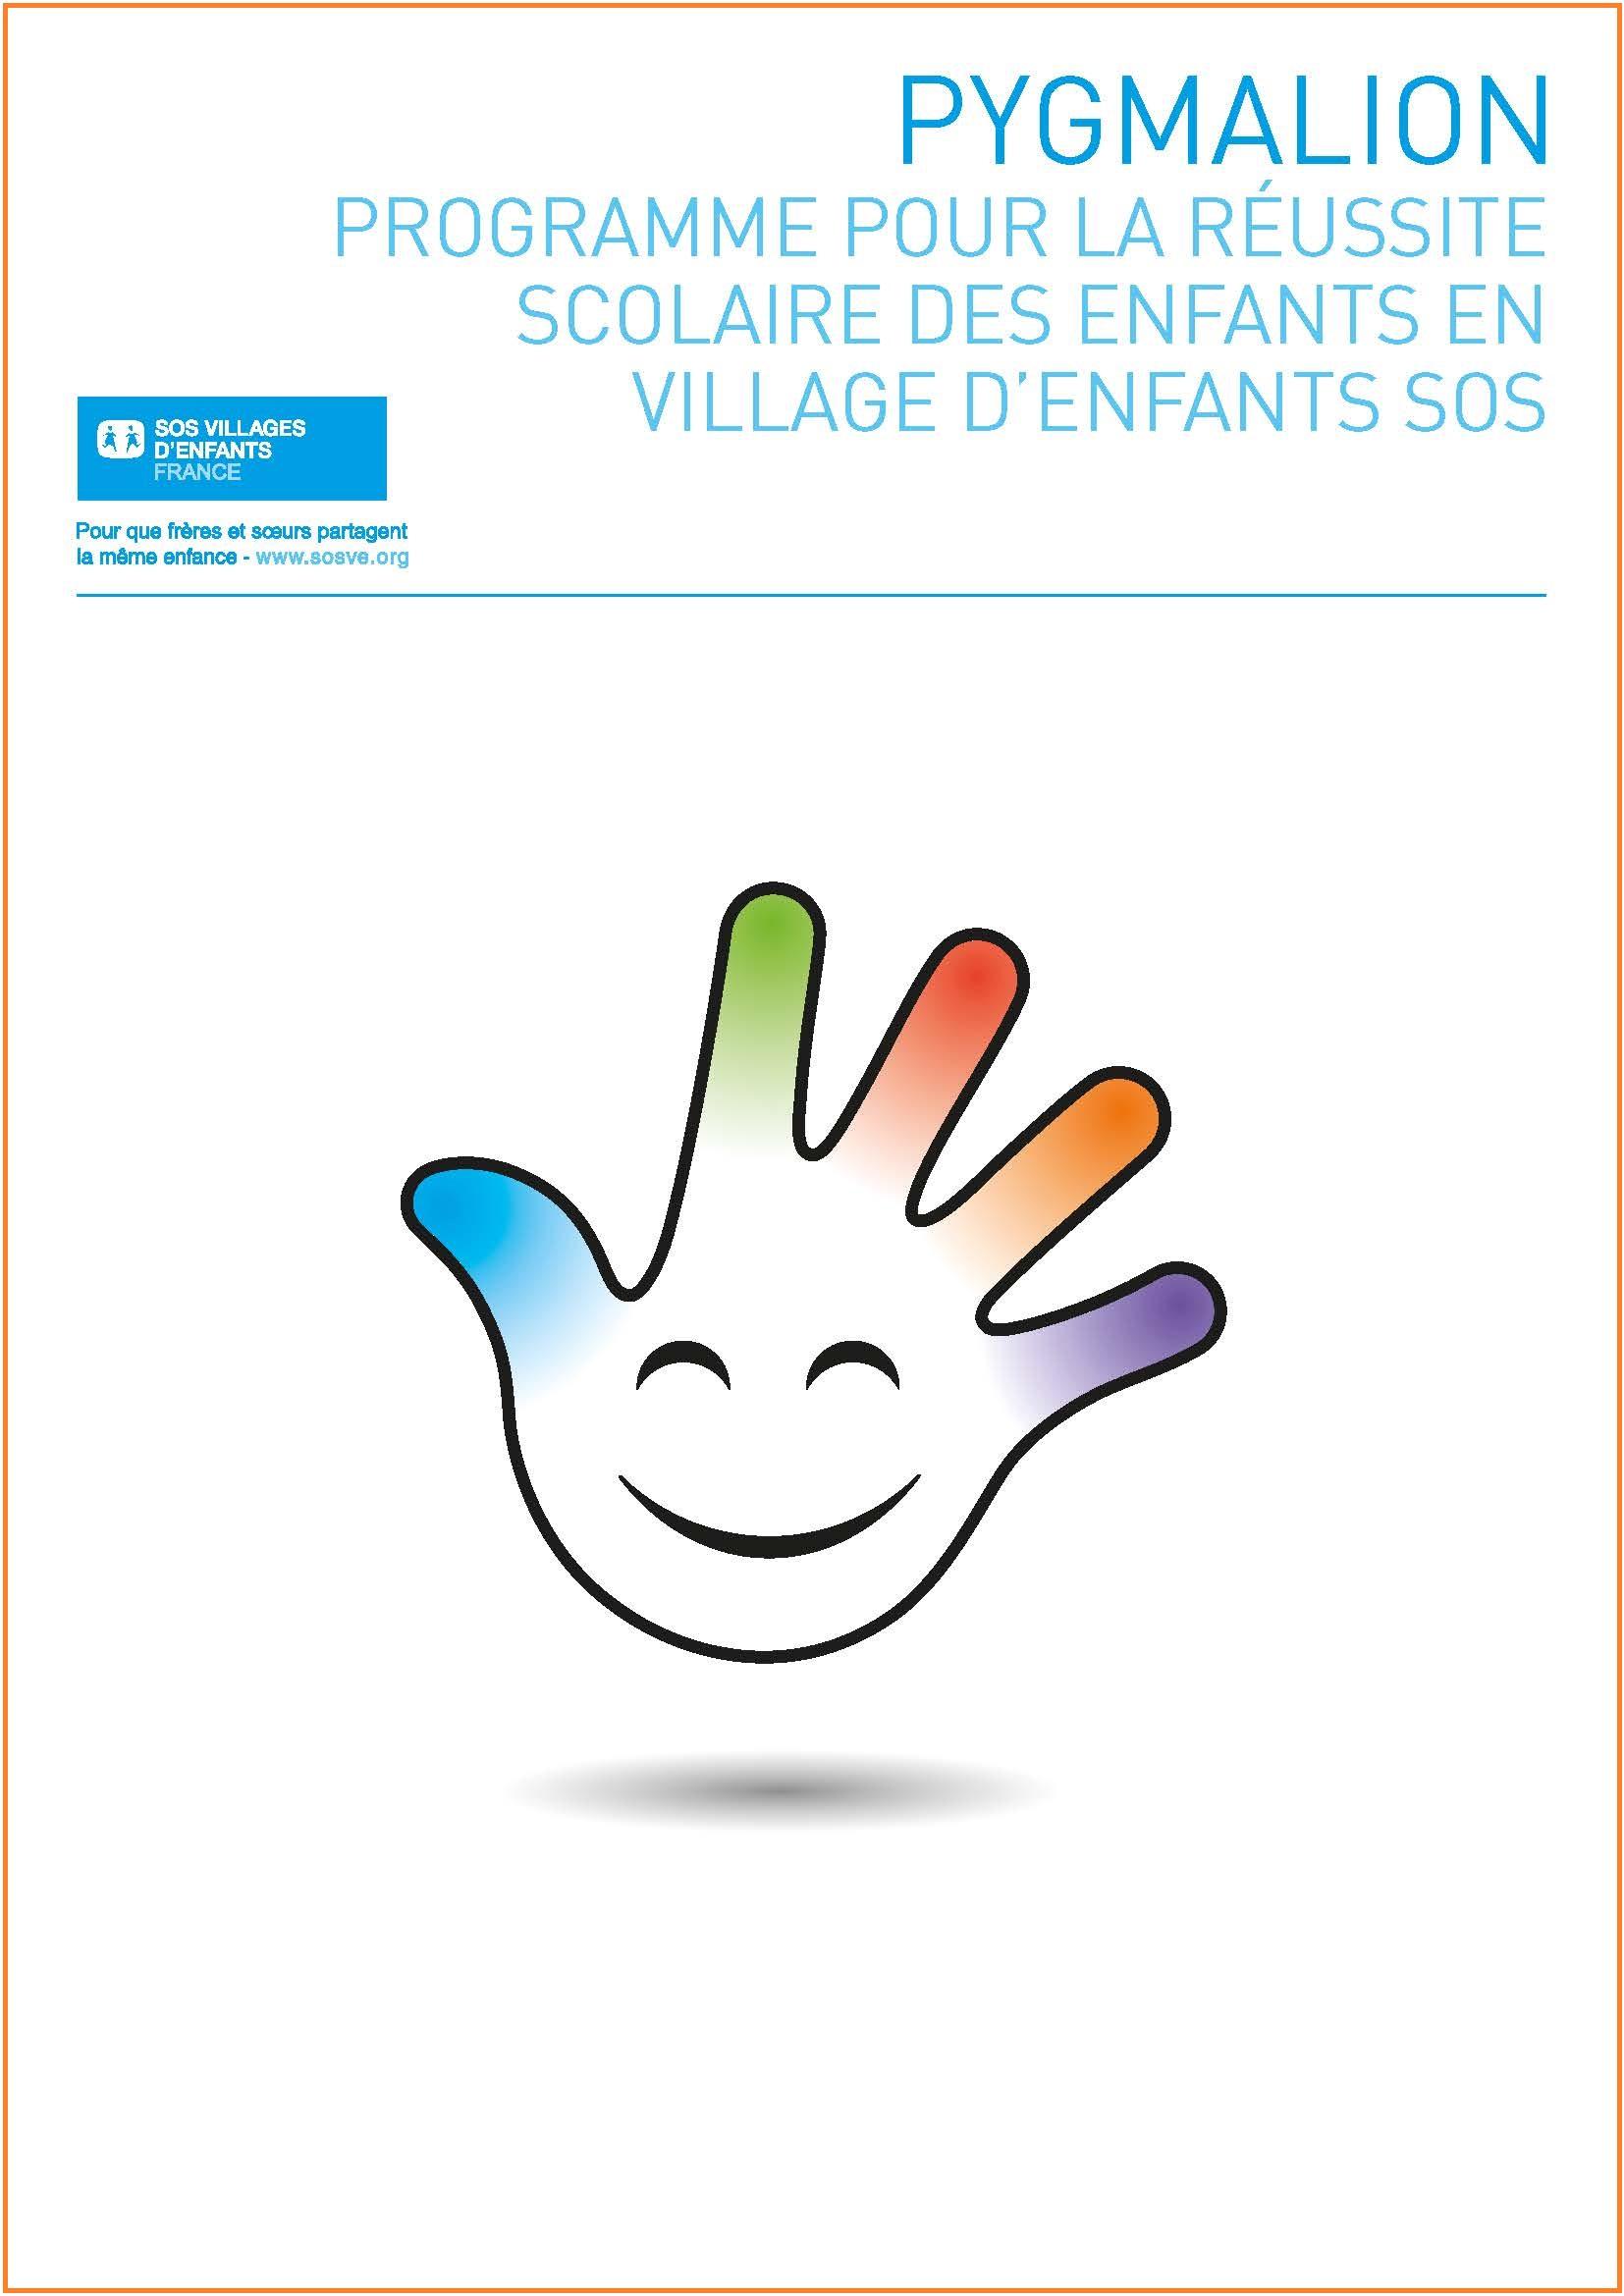 Liste Des Annonces Sos Villages : liste, annonces, villages, Programme, Pygmalion, Réussite, Scolaire